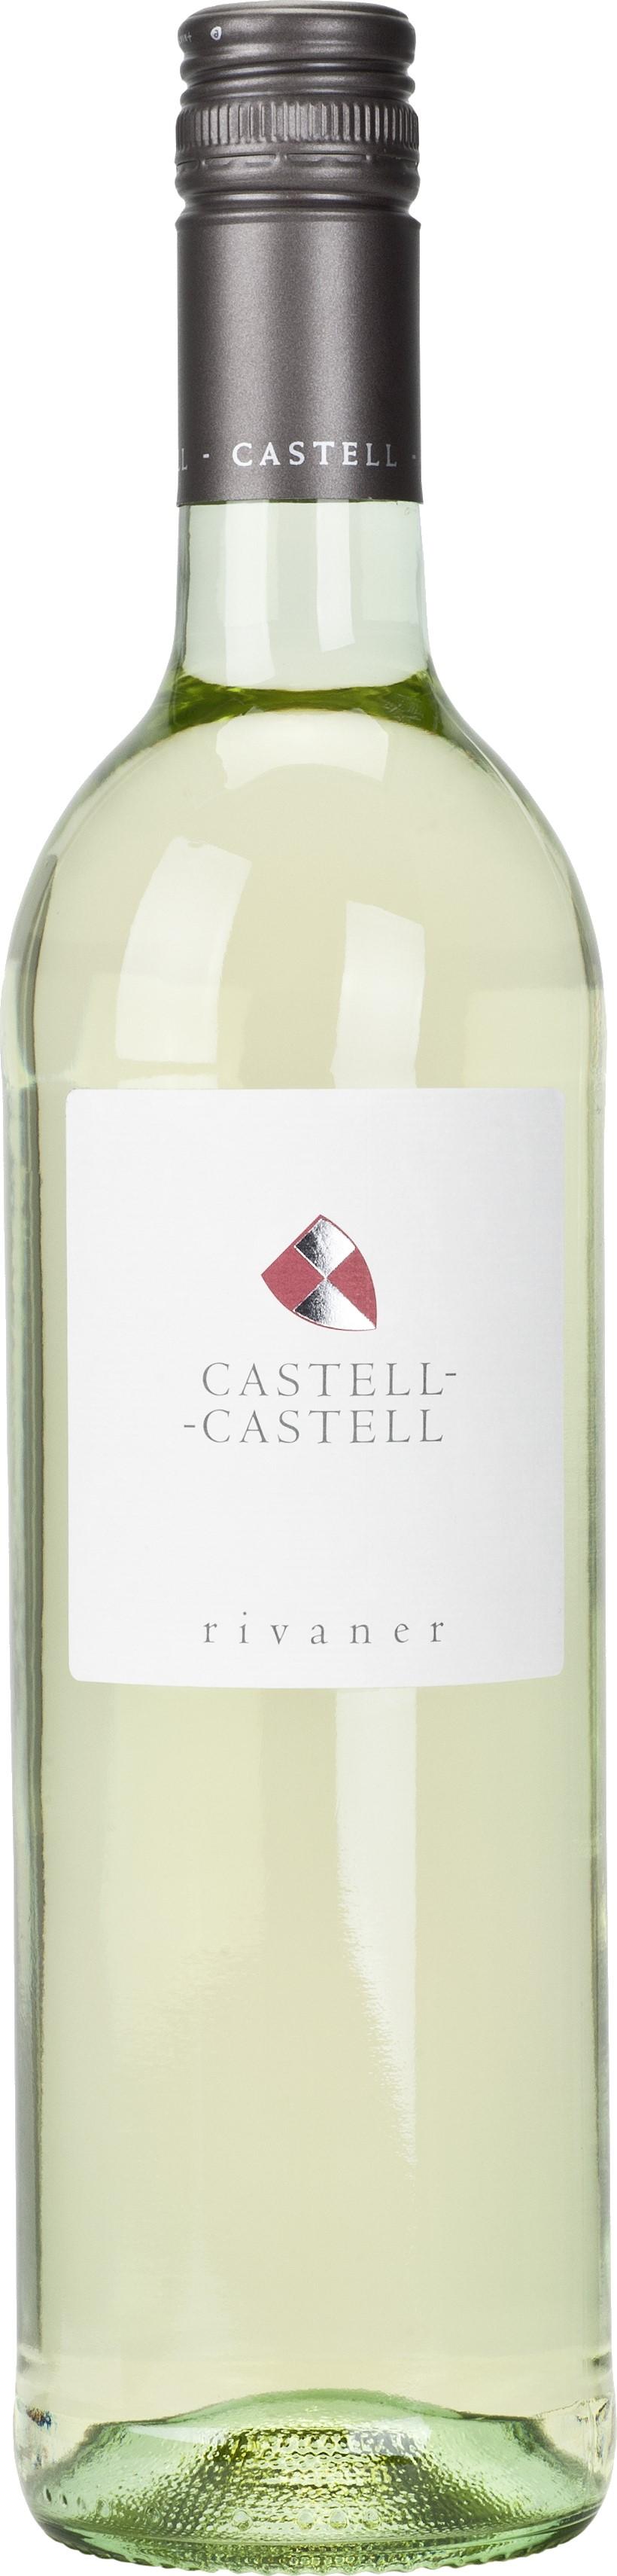 Castell-Castell Rivaner trocken